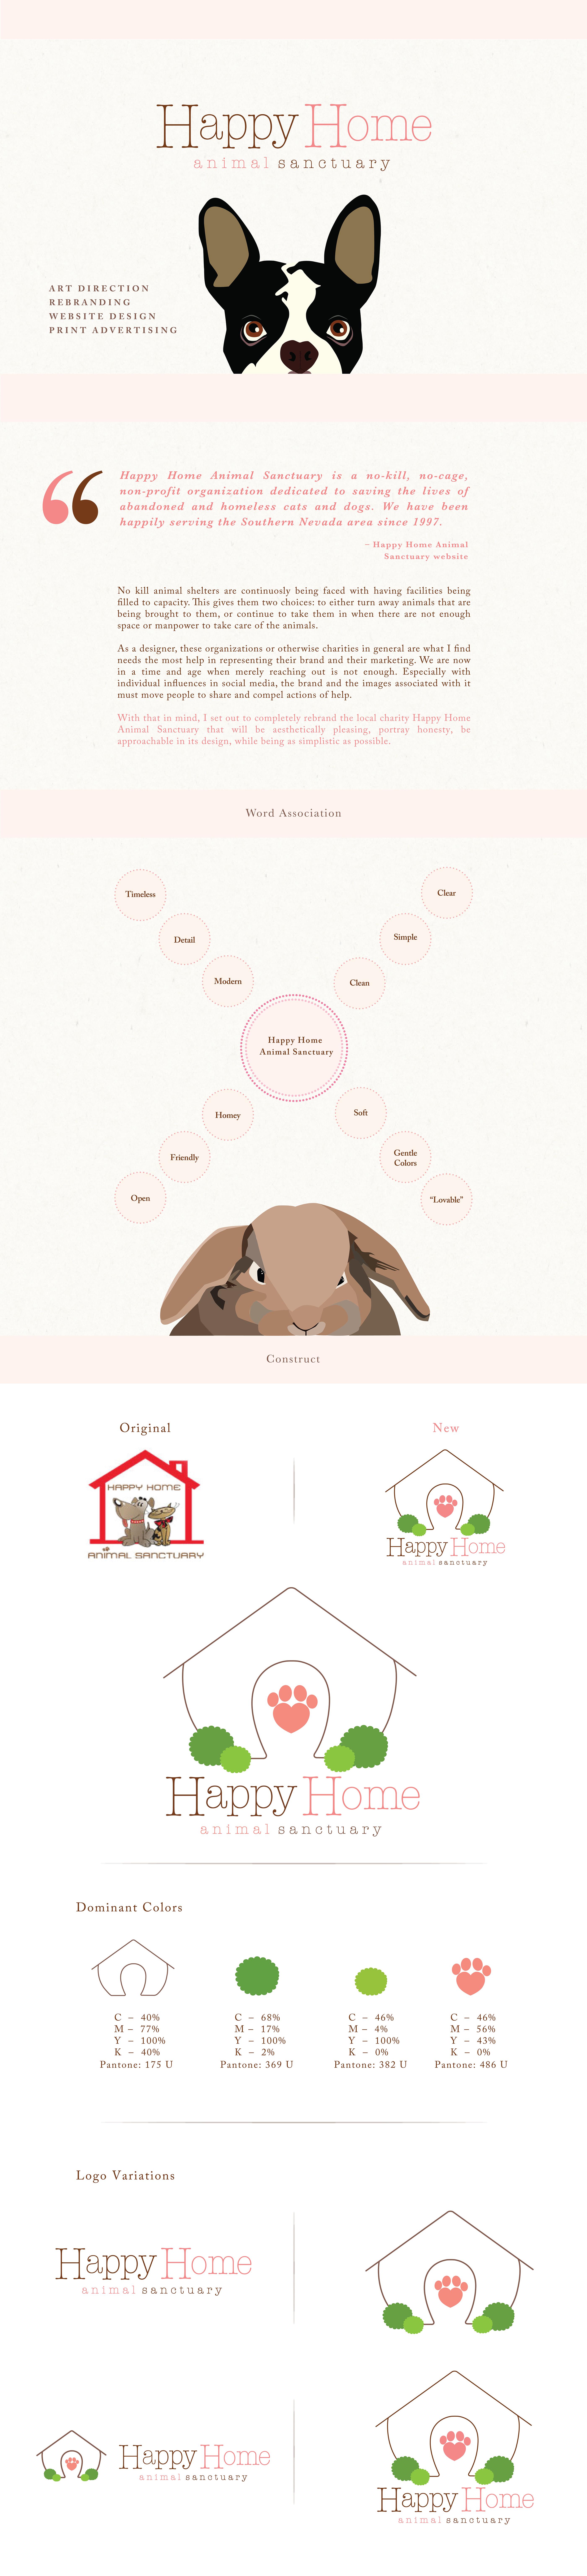 Happy Home Animal Sanctuary Re-Branding on Behance